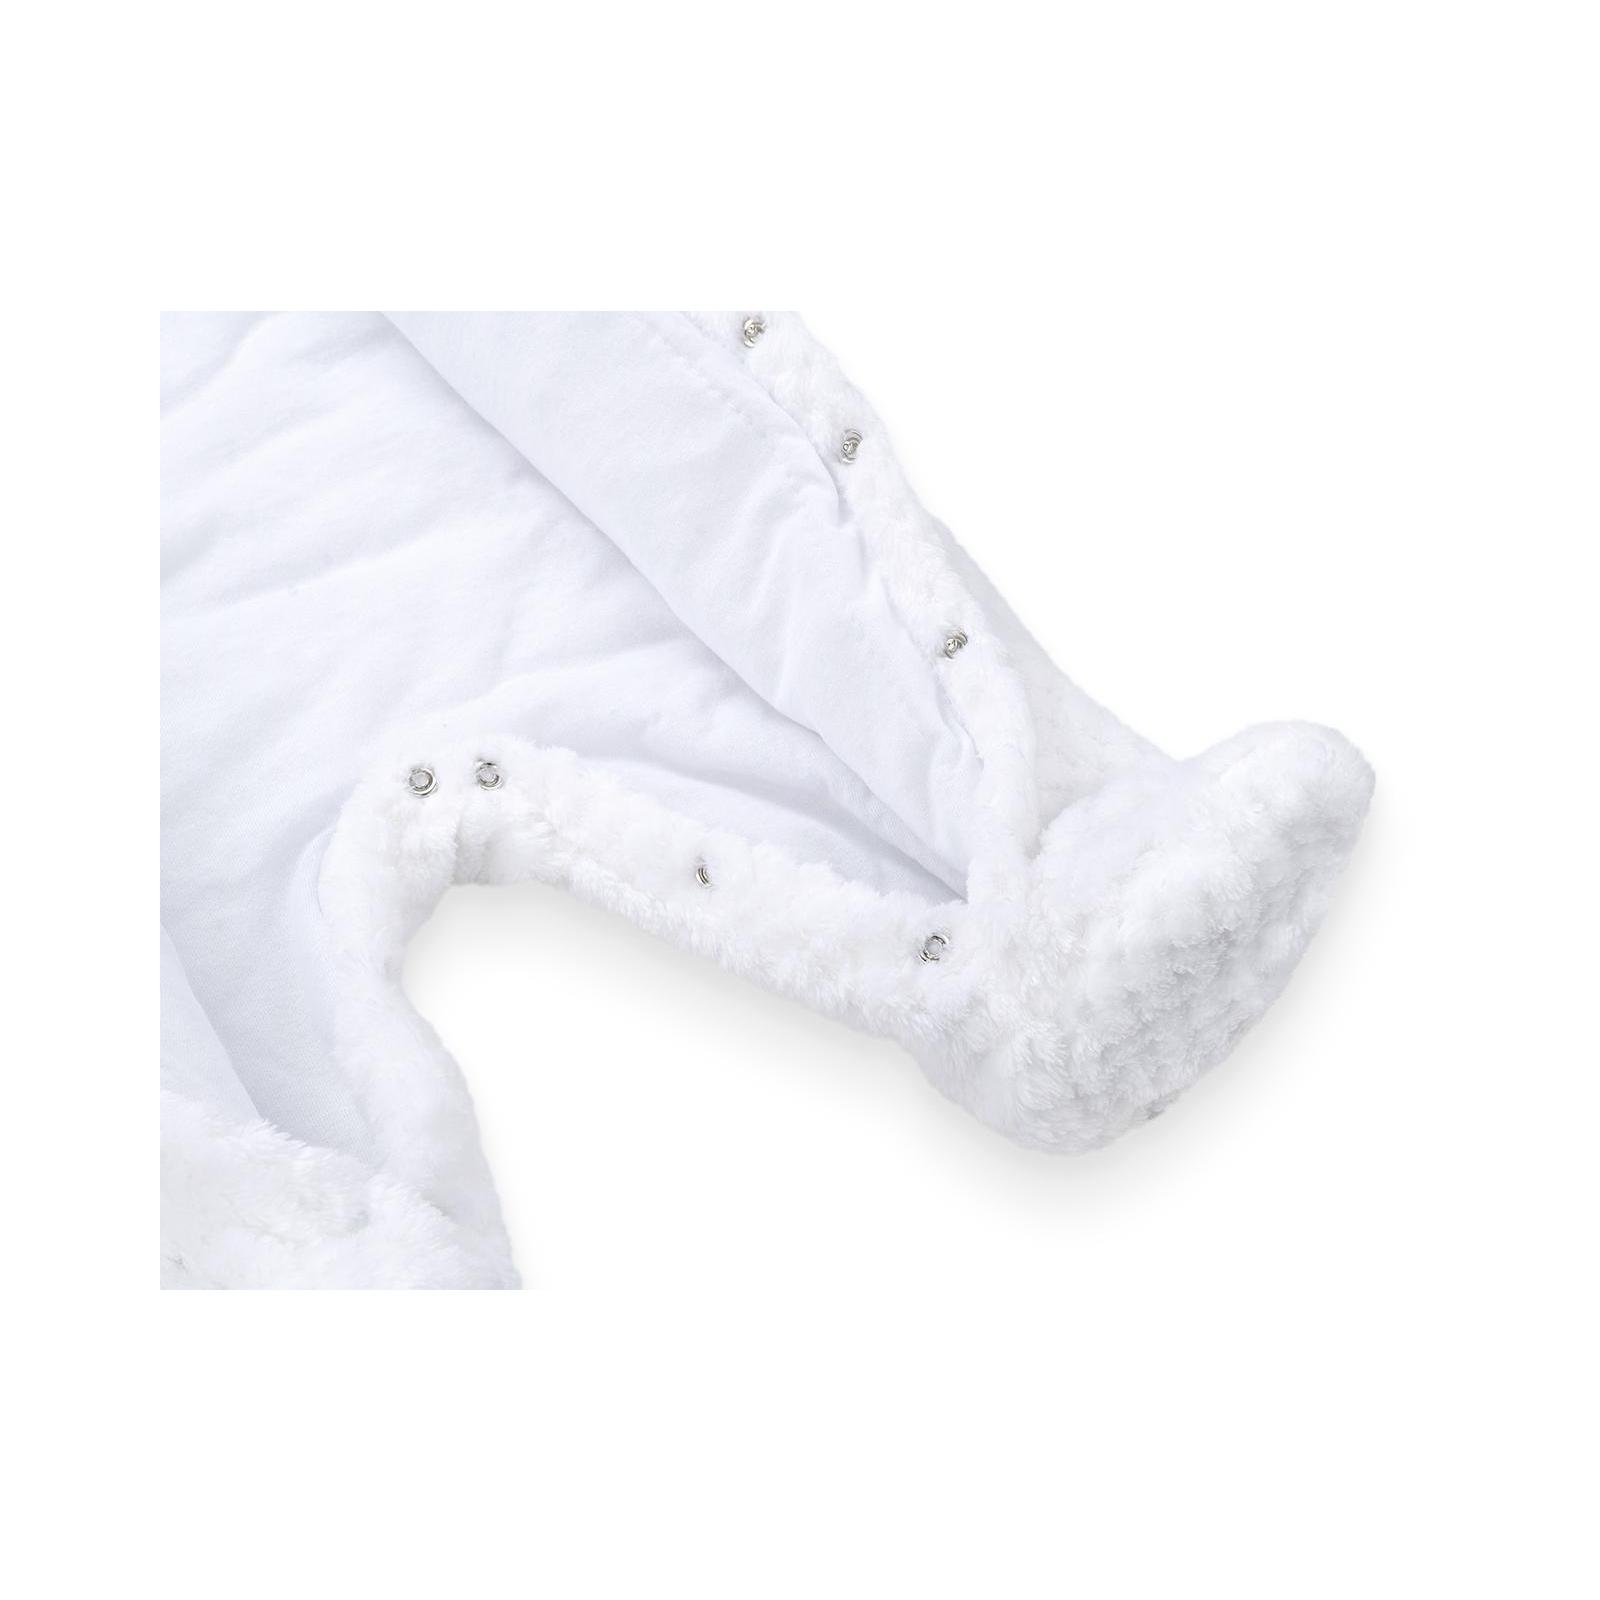 Человечек ТМ МиЯ флисовый теплый (111219-74-white) изображение 6